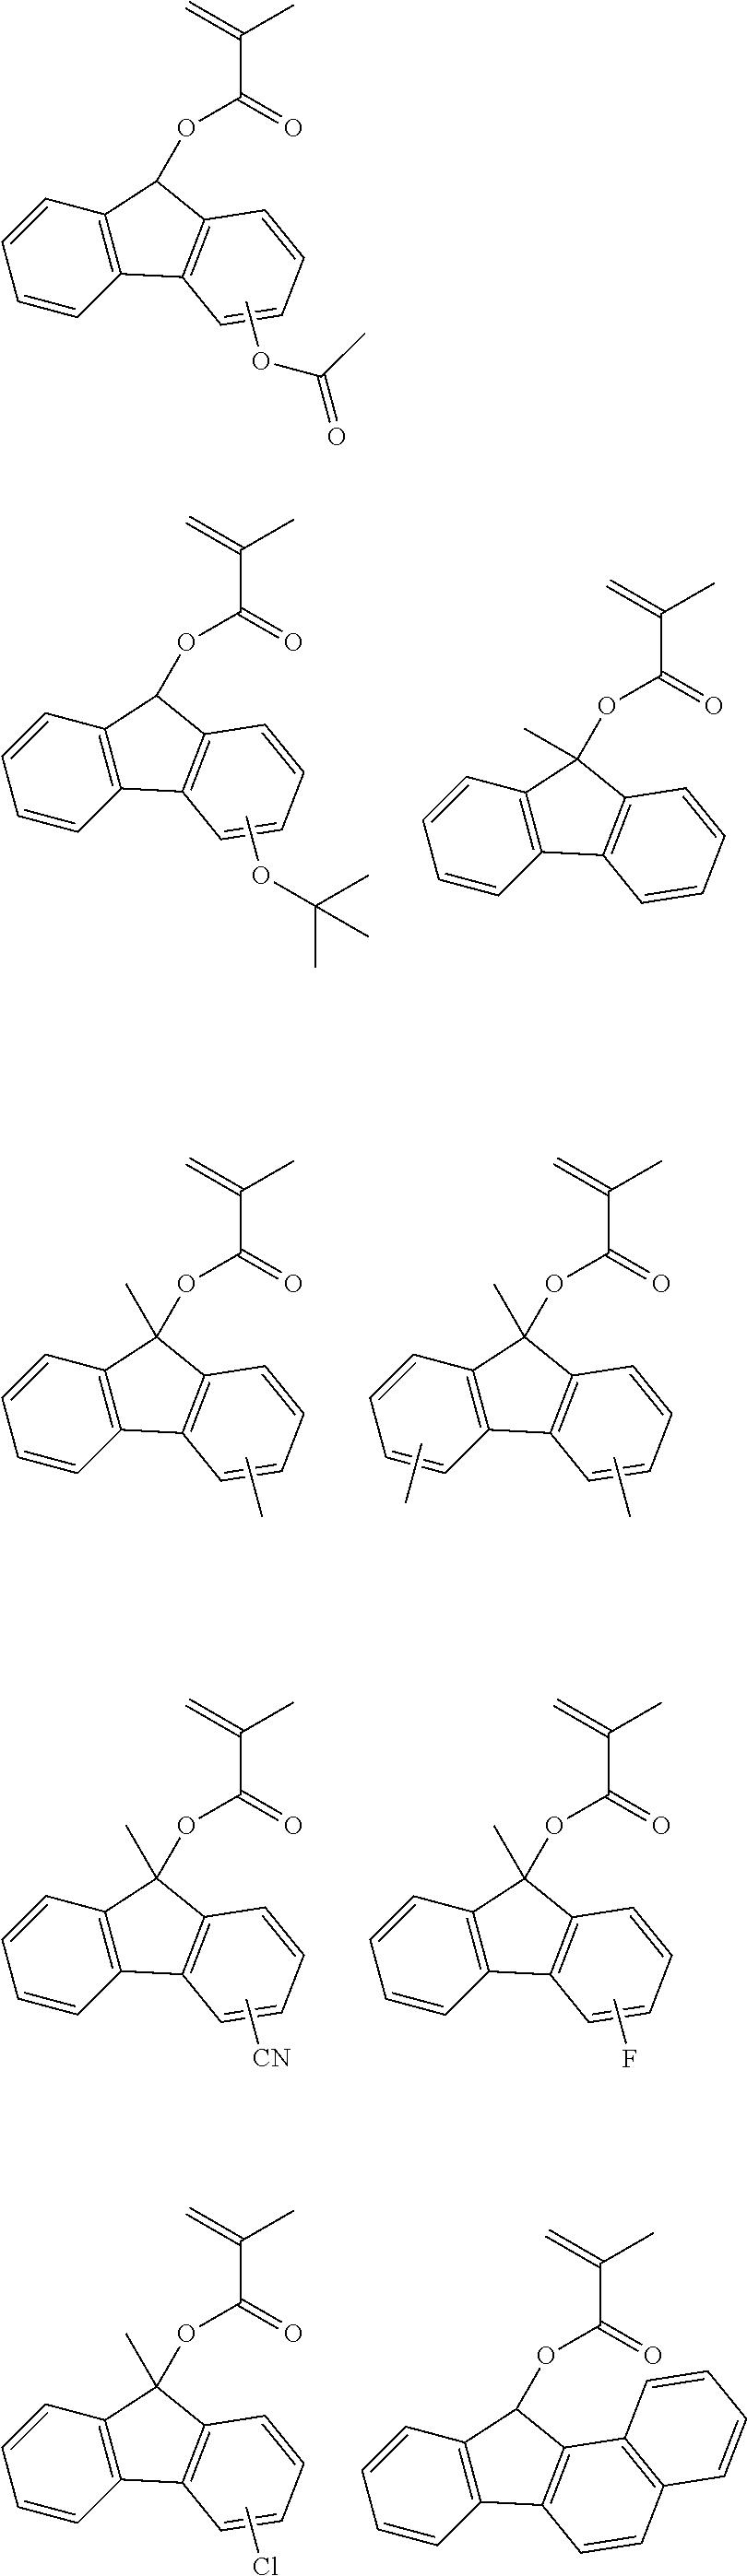 Figure US09040223-20150526-C00084